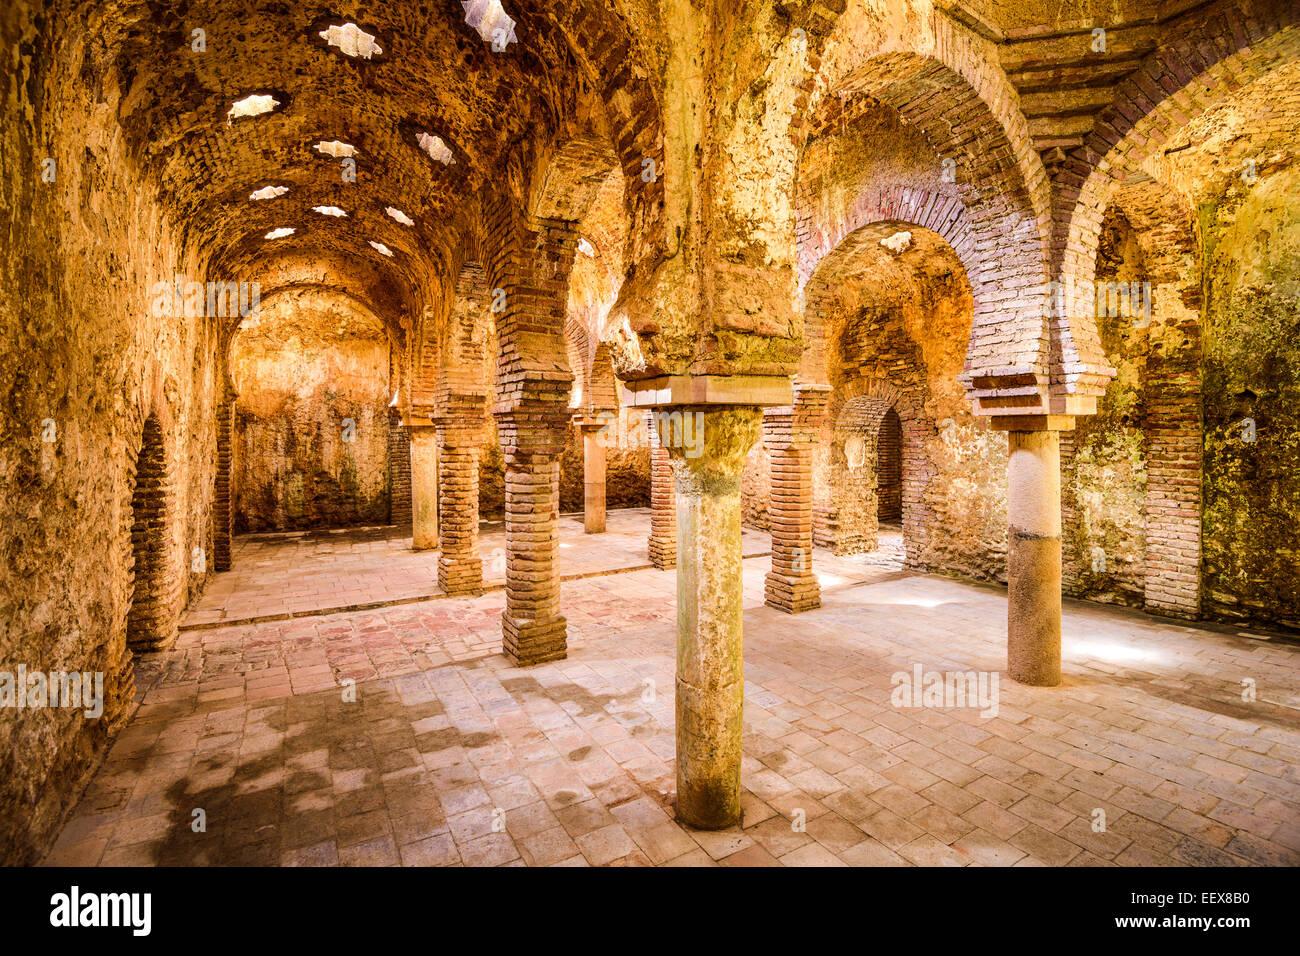 Die arabischen Bäder aus dem 11.-12. Jahrhundert in Ronda, Spanien. Stockbild